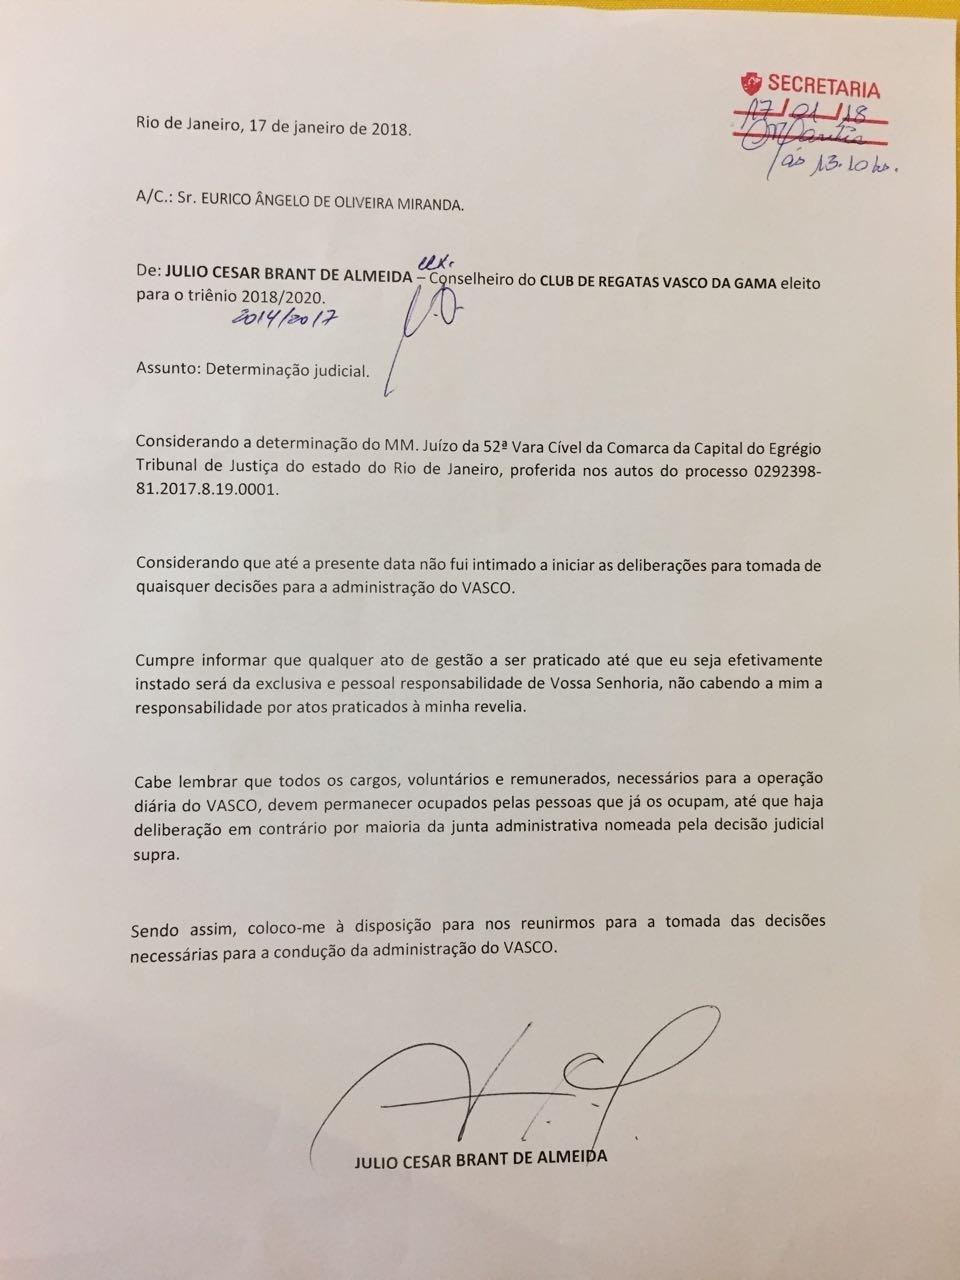 Determinação judicial Vasco